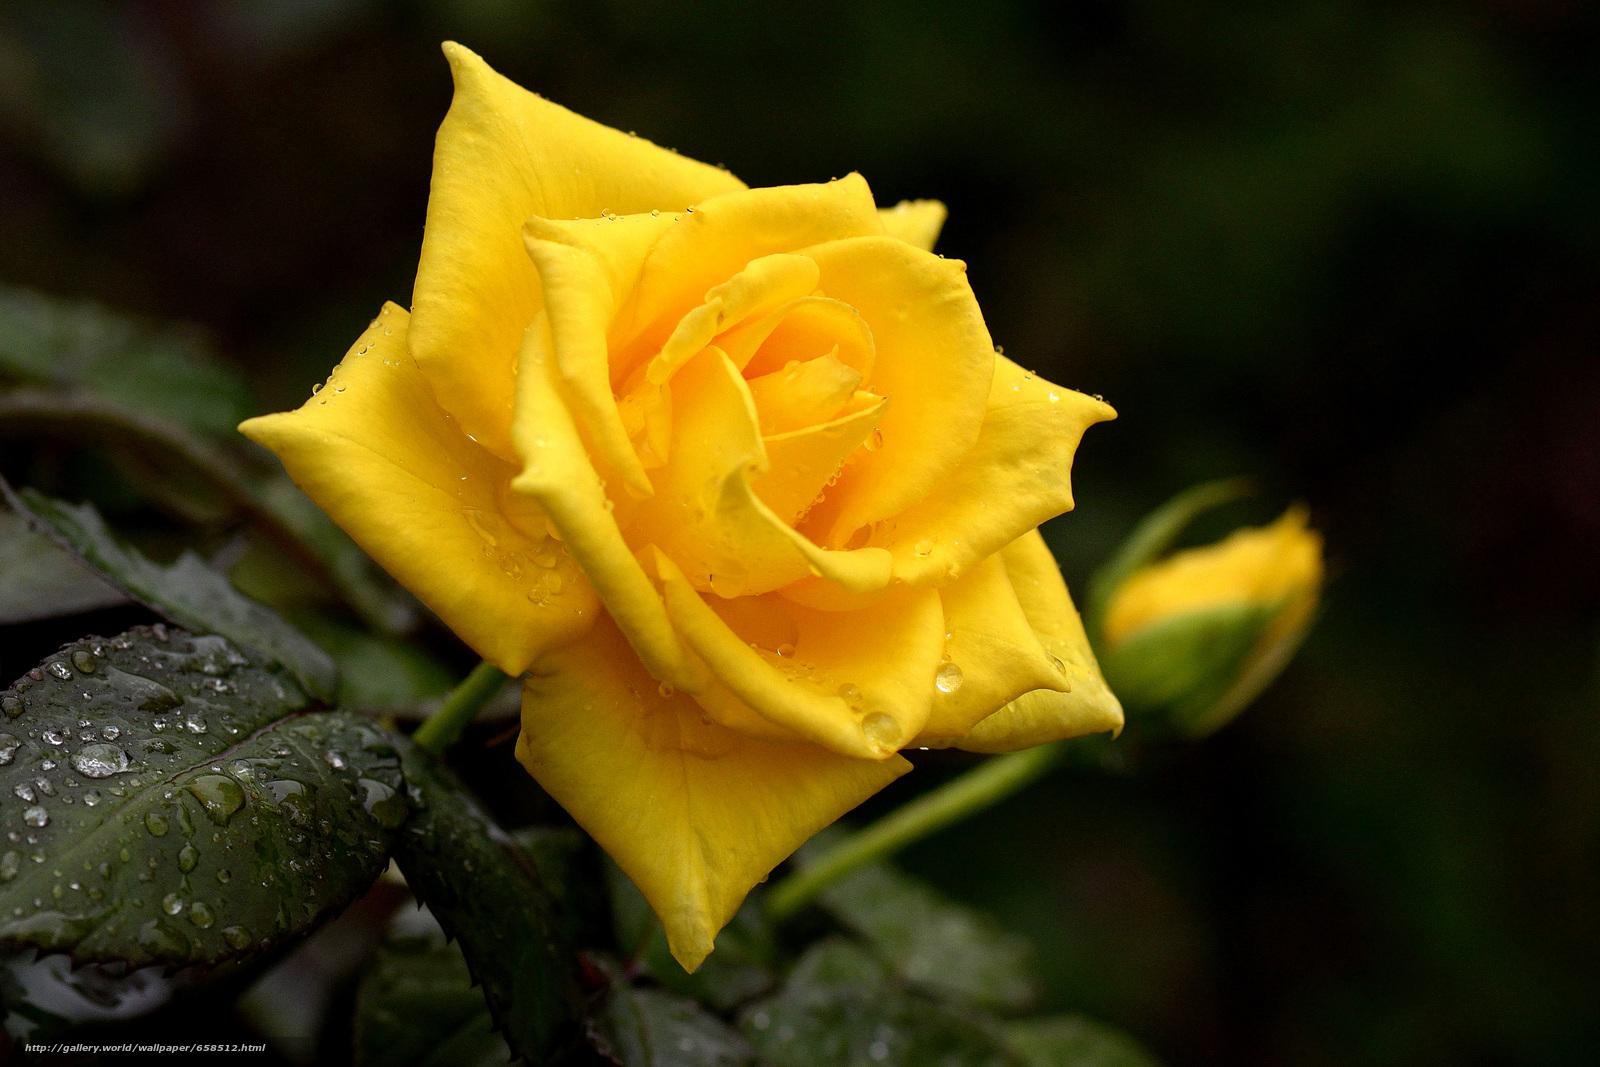 Скачать обои цветок,  цветы,  флора,  роза бесплатно для рабочего стола в разрешении 4822x3215 — картинка №658512